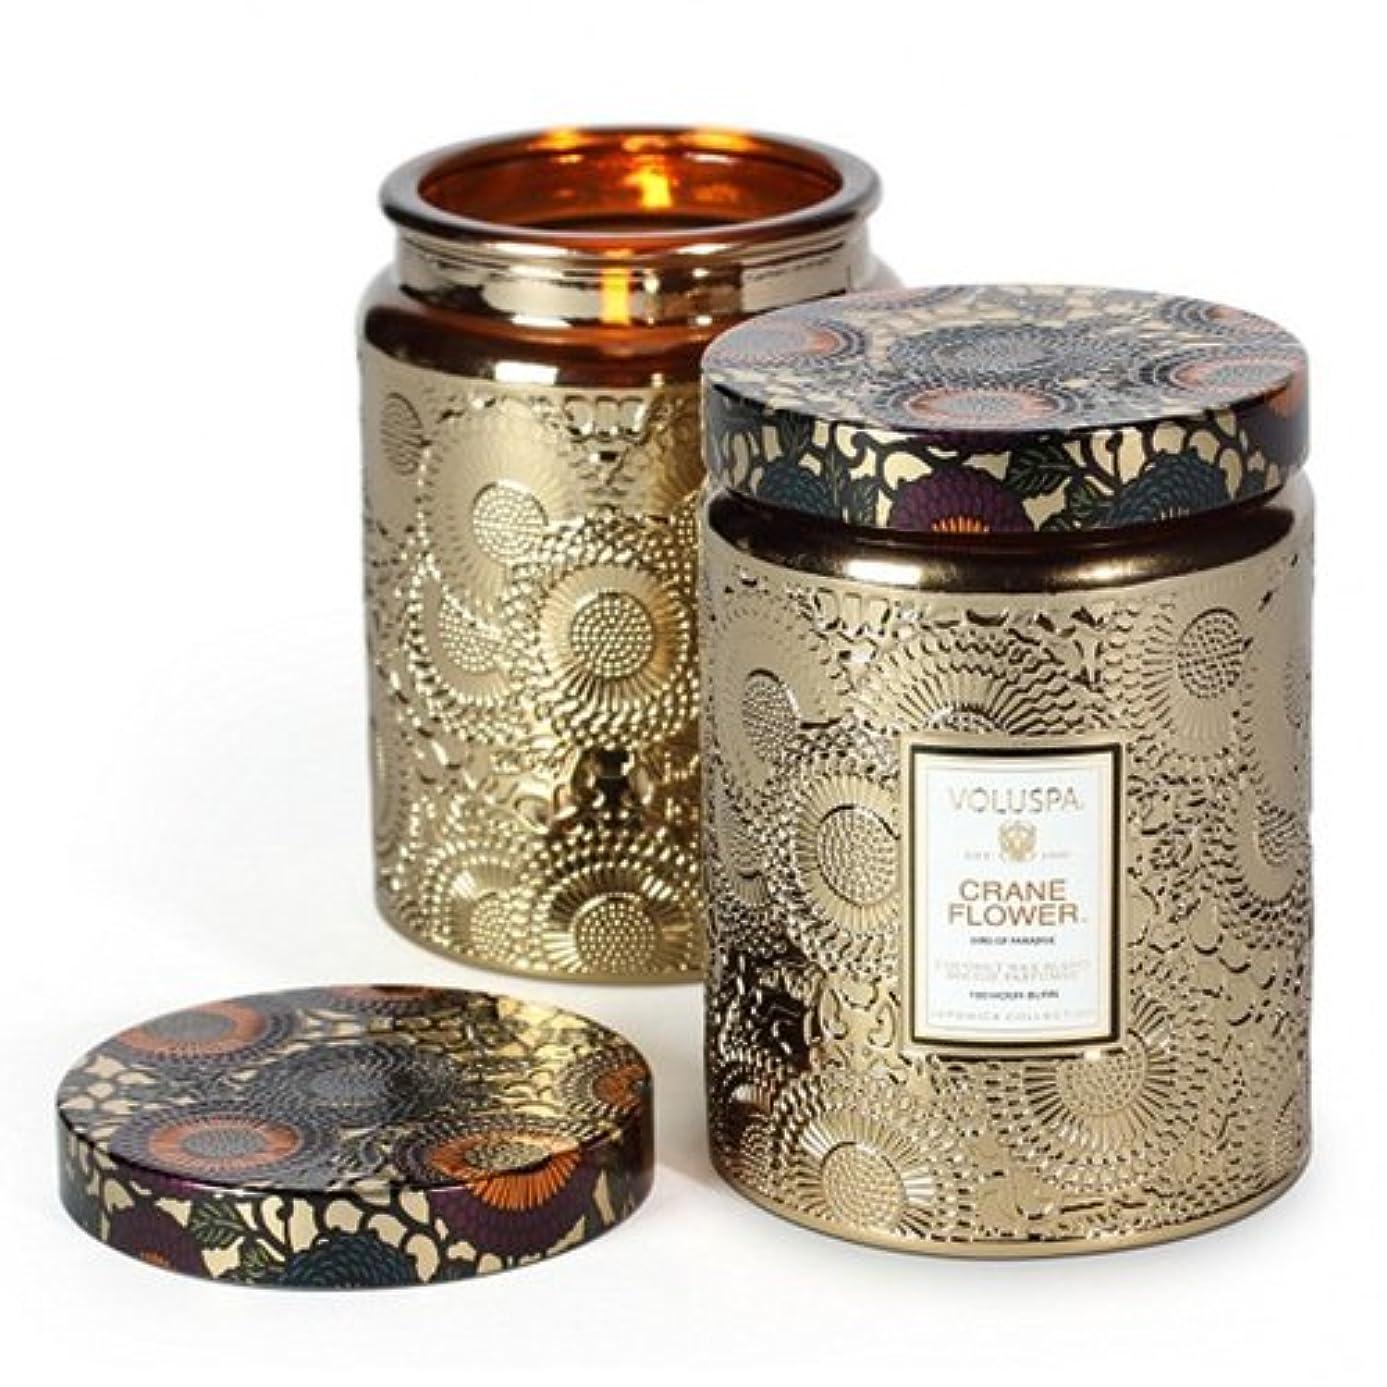 不均一初心者安西Voluspa ボルスパ ジャポニカ グラスジャーキャンドル L クレーンフラワー JAPONICA Glass jar candle CRANE FLOWER